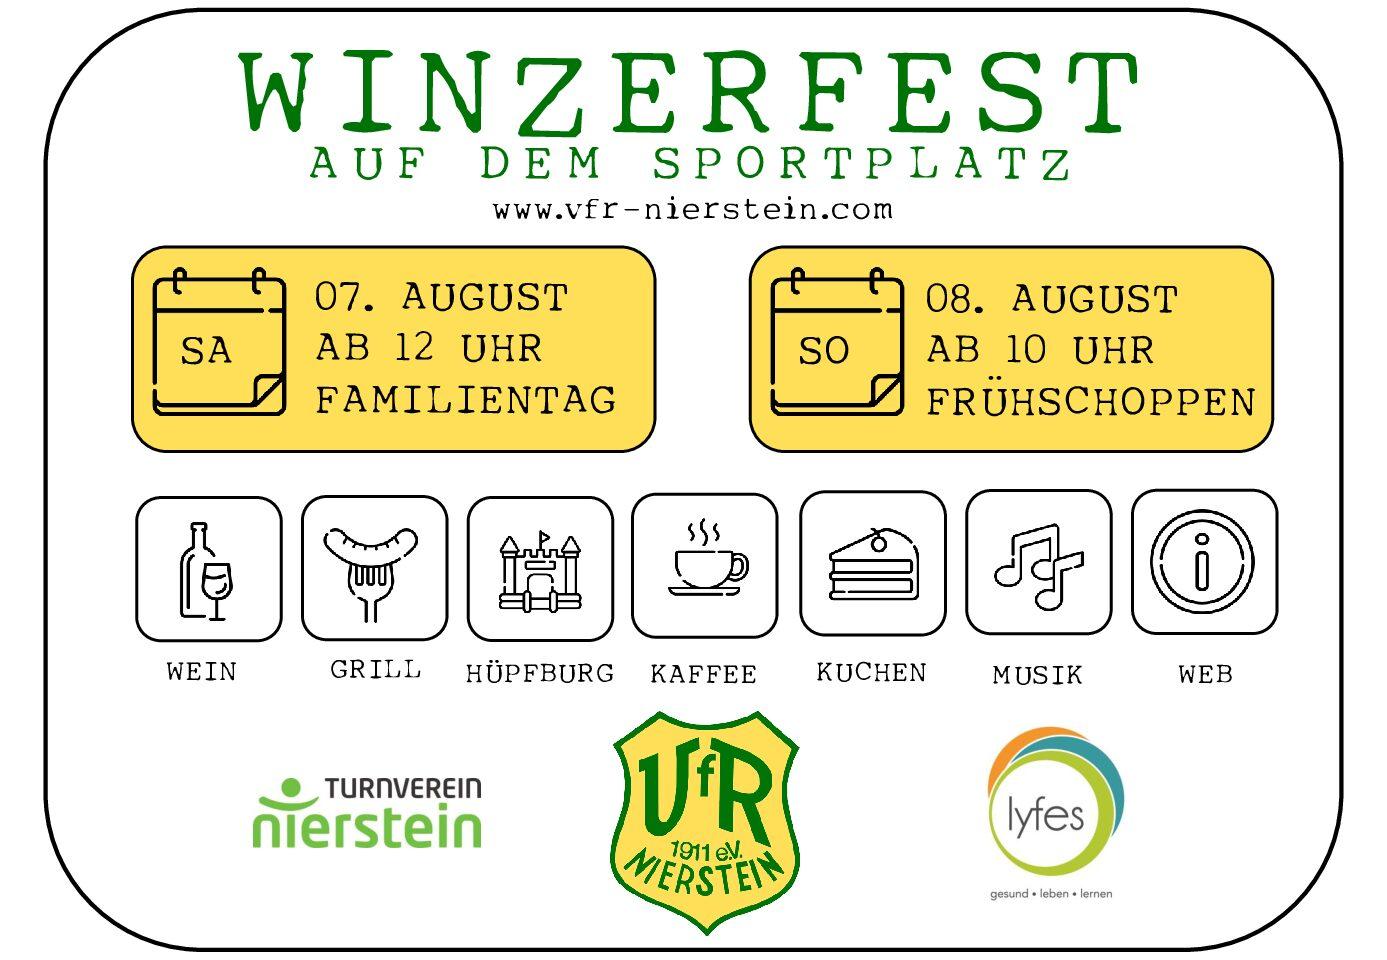 """<span class=""""entry-title-primary"""">Winzerfest beim VFR Nierstein</span> <span class=""""entry-subtitle"""">Am 7. und 8. August gemeinsam mit dem TV Nierstein und der Firma Lyfes</span>"""